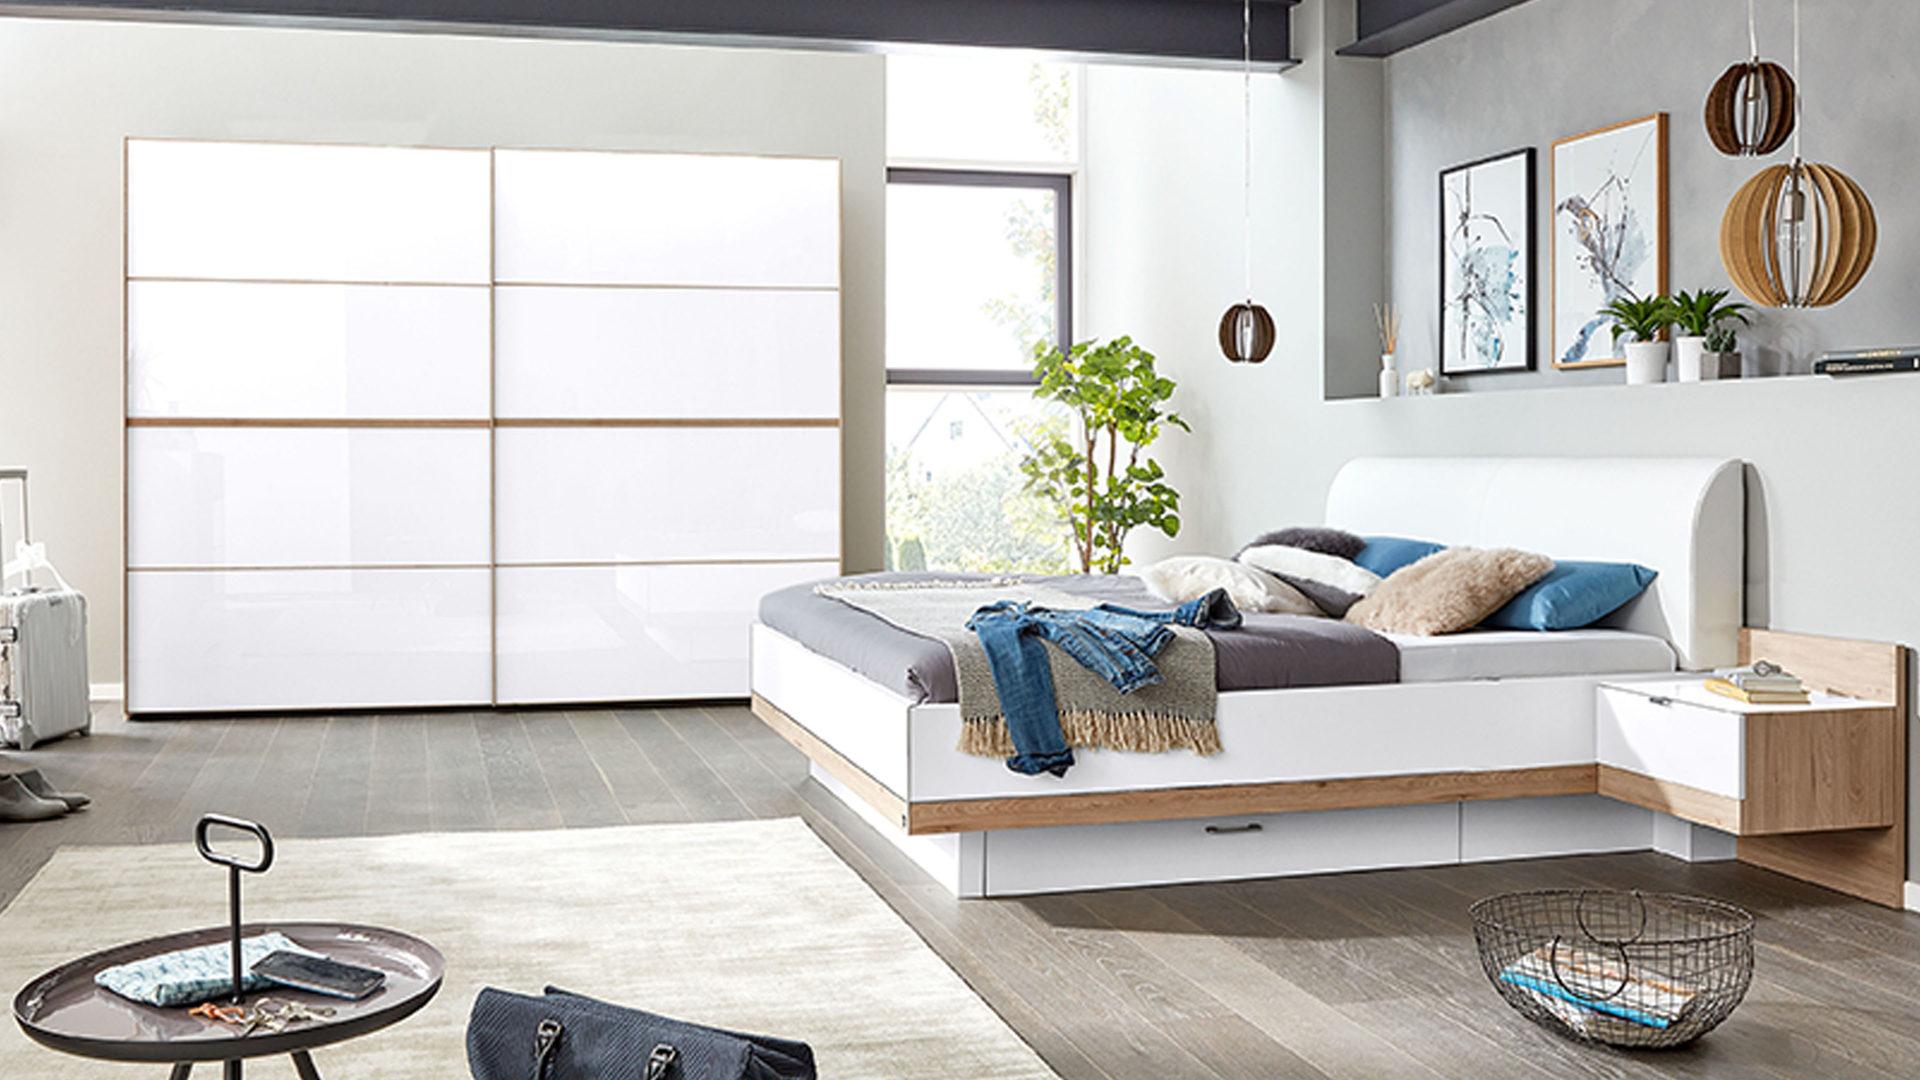 Interliving Schlafzimmer Serie 1010 – Schlafzimmerkombination, weißes Glas  & Jackson eichefarbene Kunststoffoberflächen –